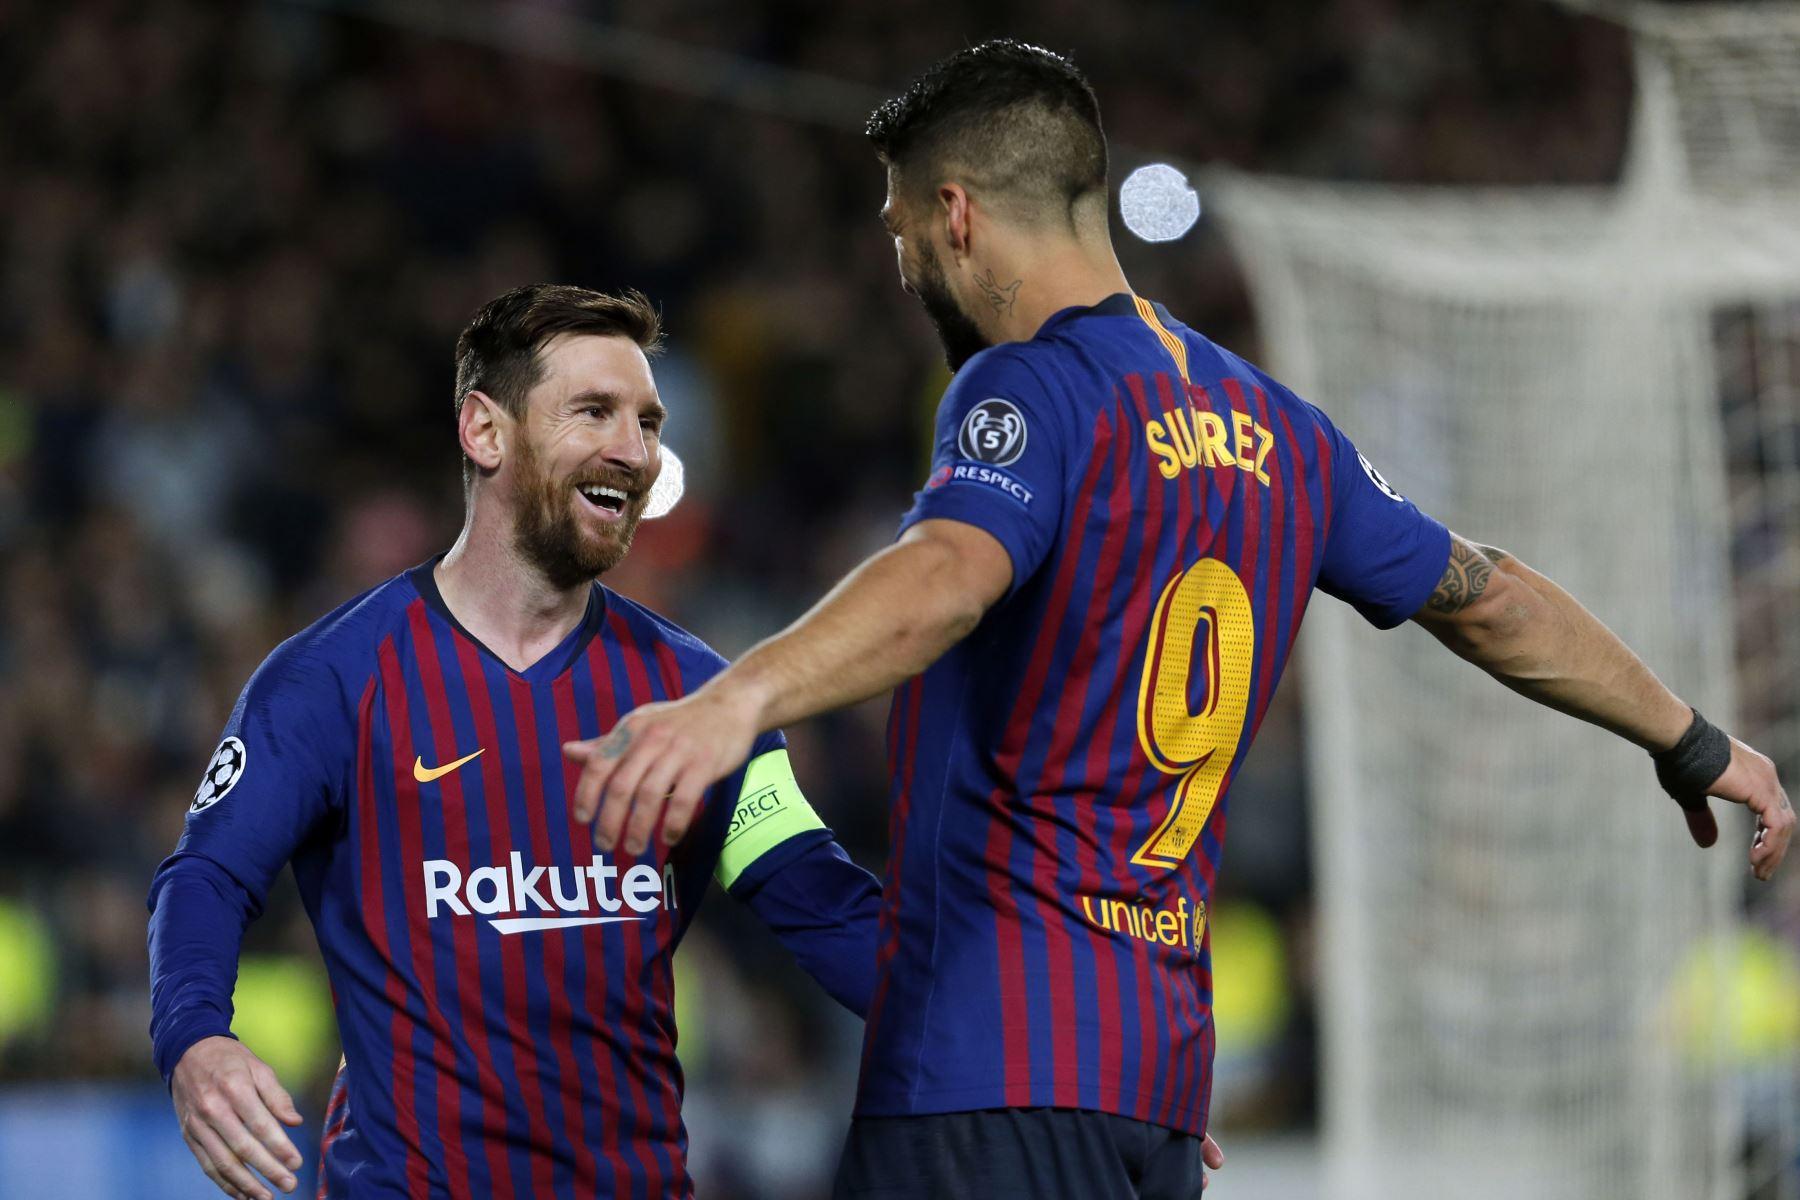 El delantero argentino del Barcelona, Lionel Messi celebra con sus compañeros de equipo después de marcar el primer gol entre el FC Barcelona y el Olympique Lyonnais en el estadio Camp Nou en Barcelona. Foto: AFP